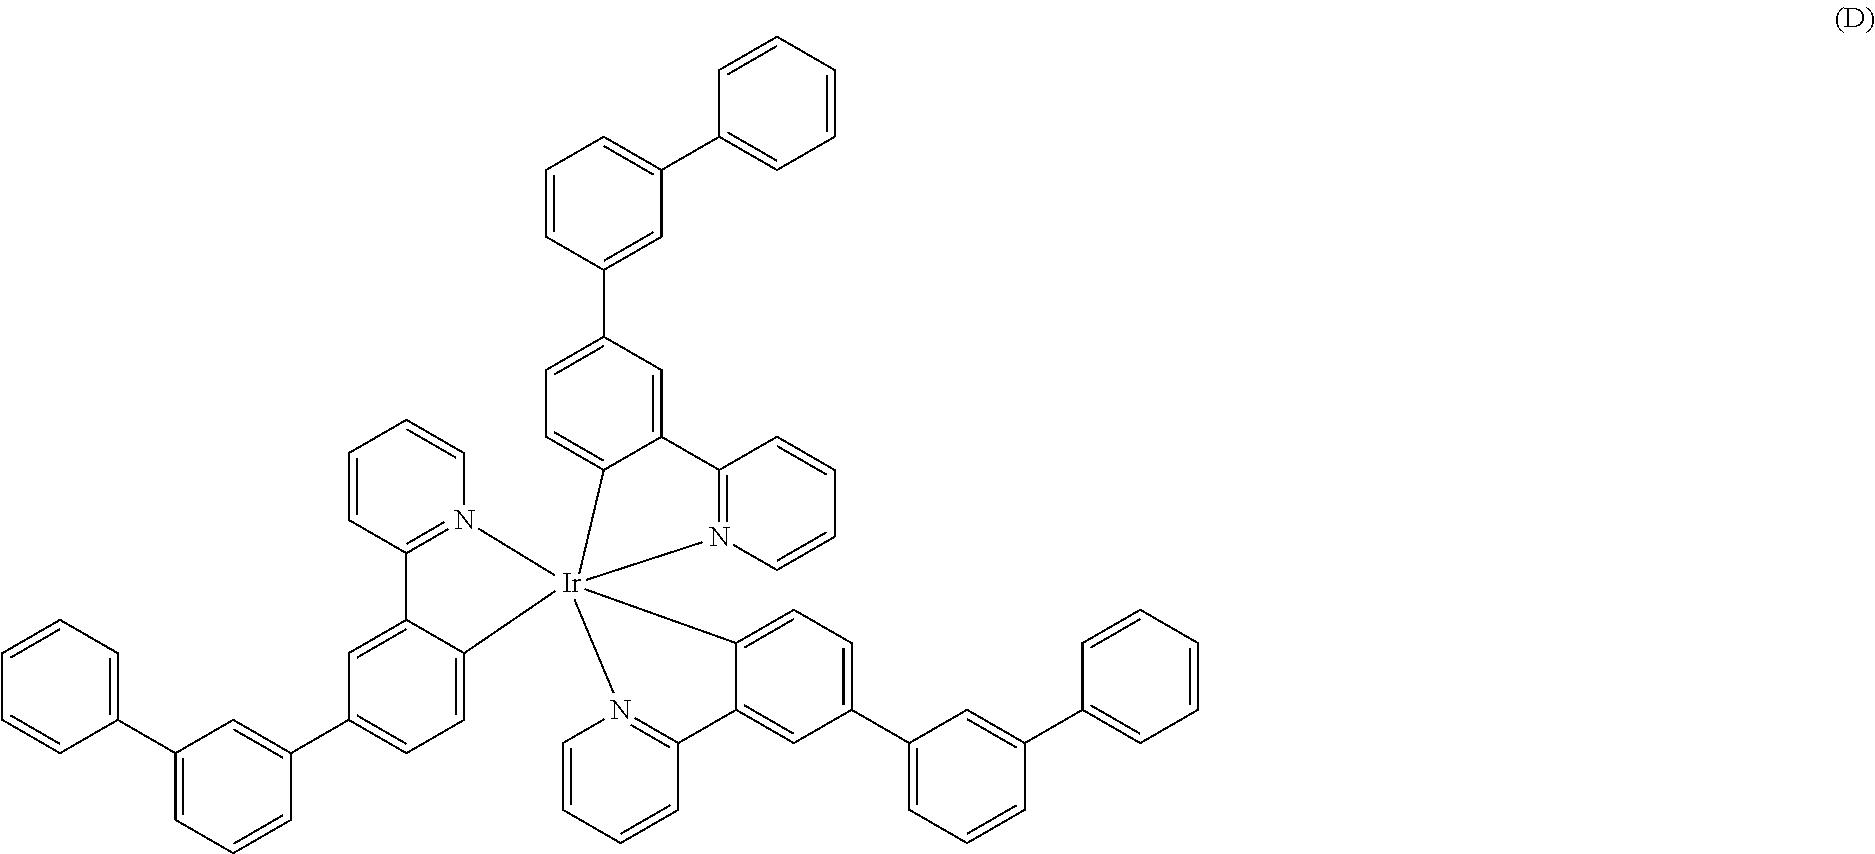 Figure US20150255738A1-20150910-C00004